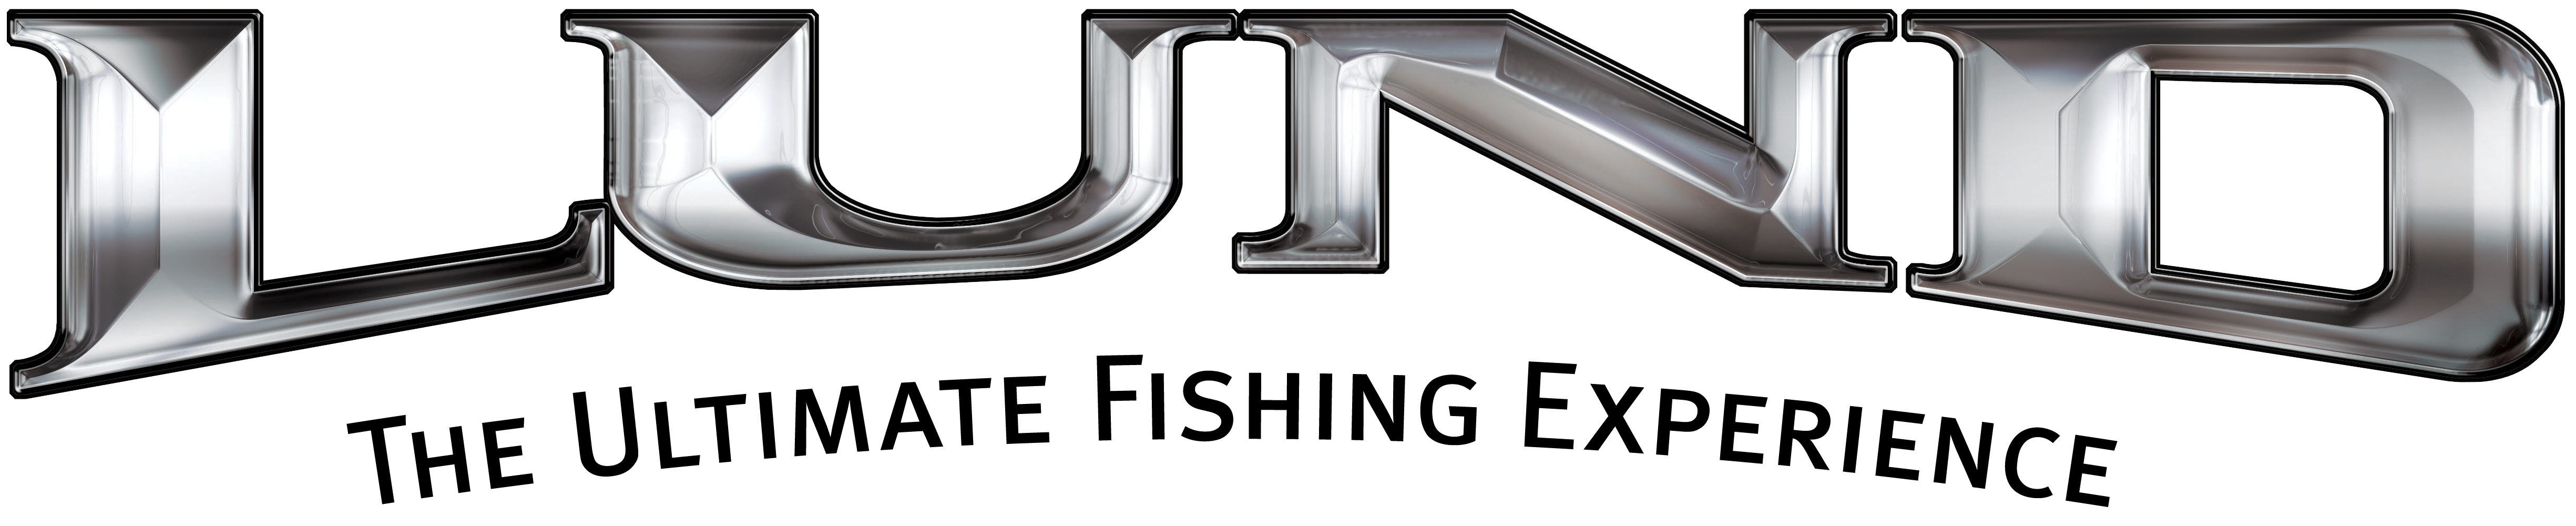 Lund brand logo